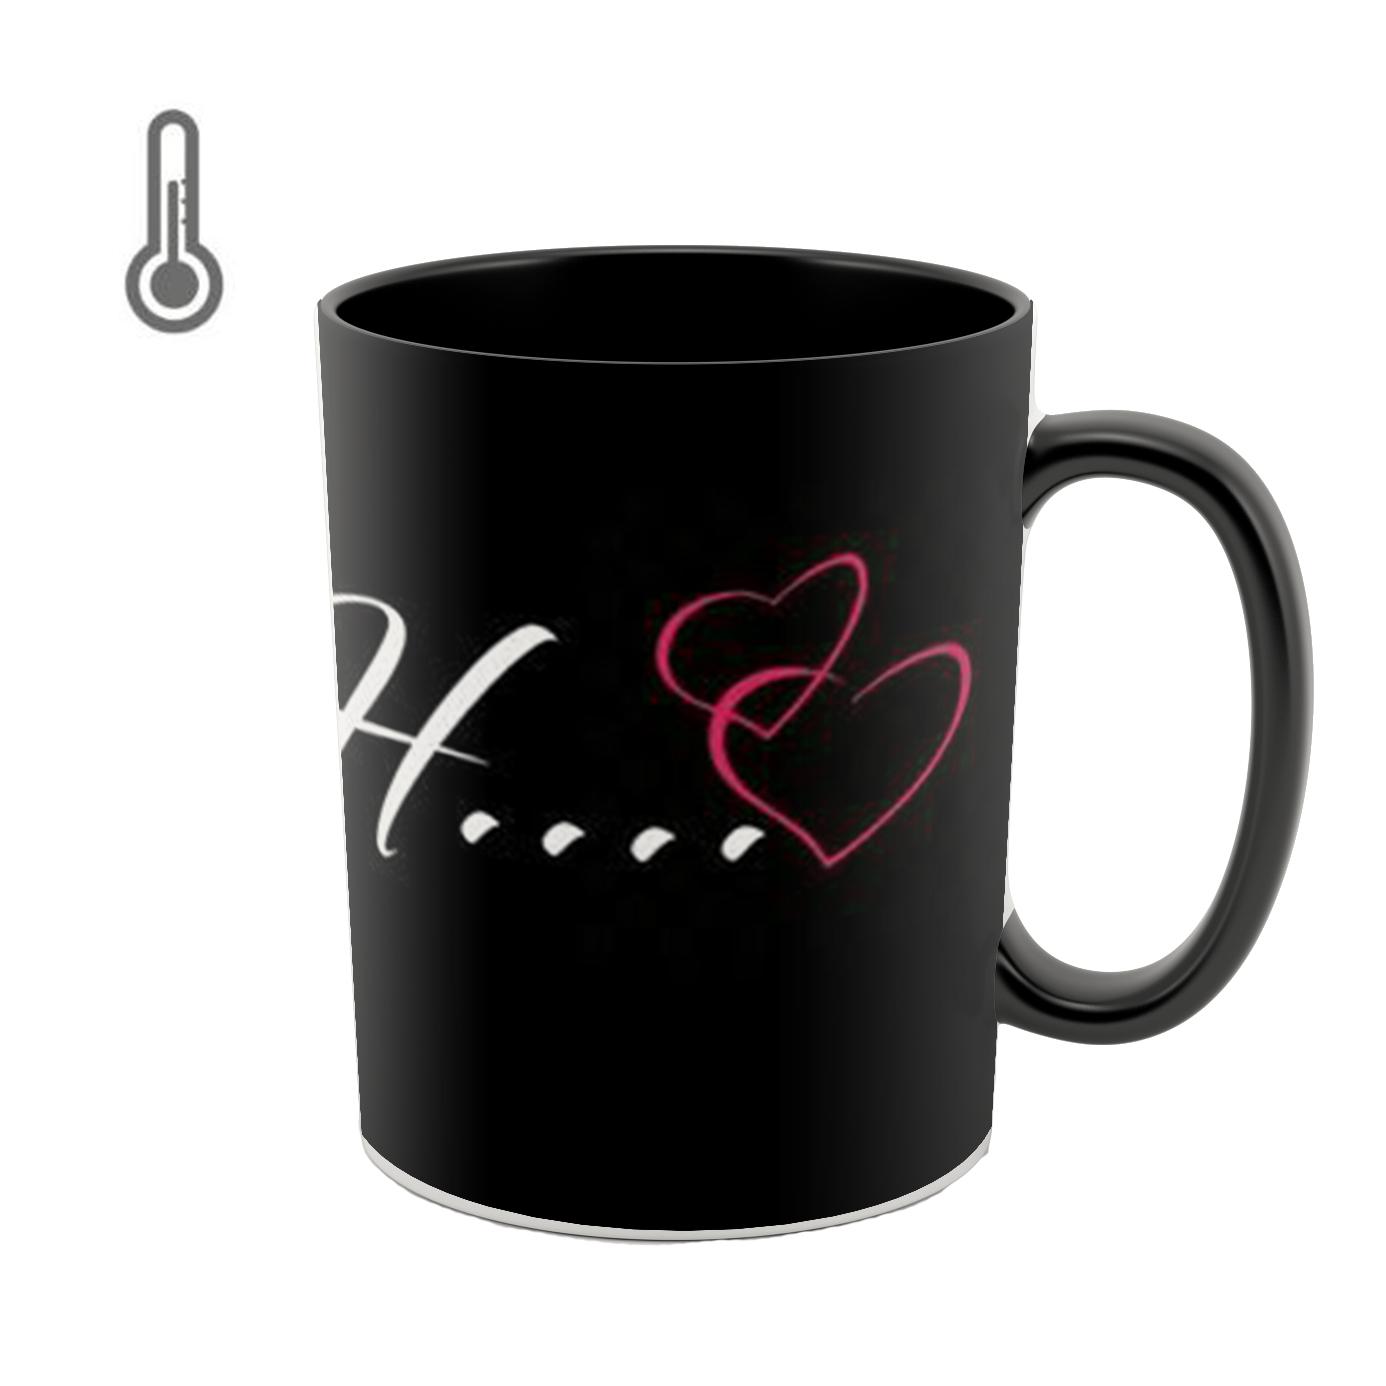 عکس ماگ حرارتی طرح قلب مدل H